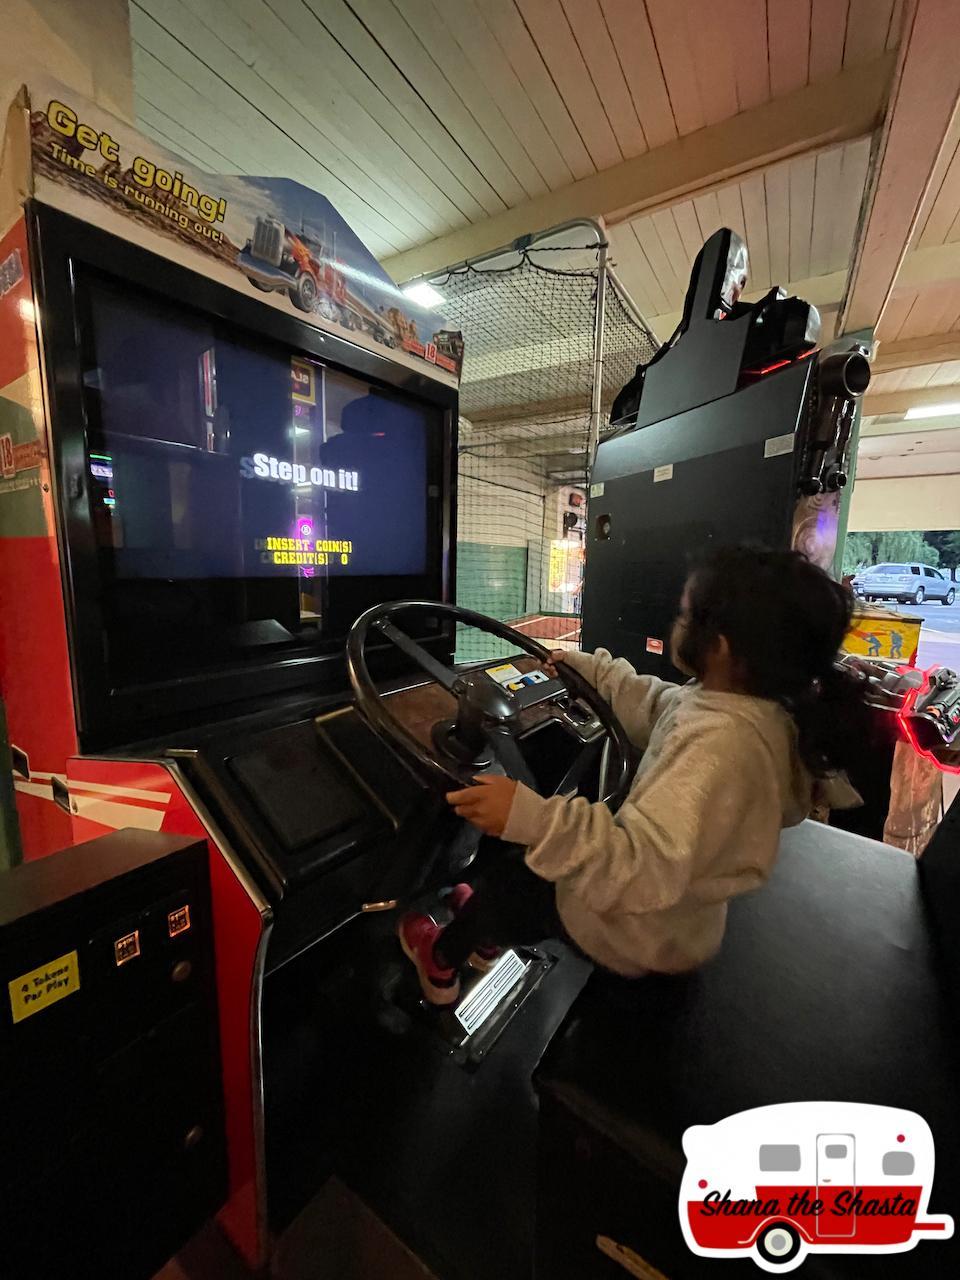 Sega-18-Wheeler-Arcade